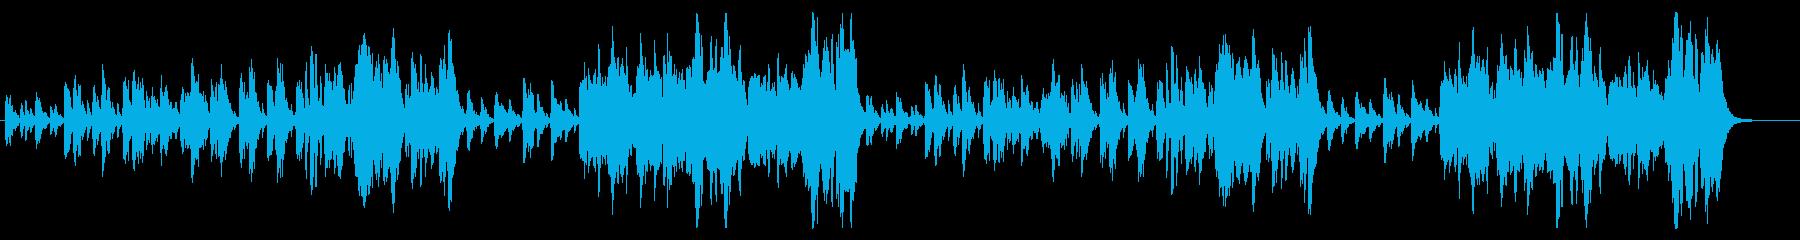 ワルツ「森の妖精」バレエ演舞曲(音圧高めの再生済みの波形